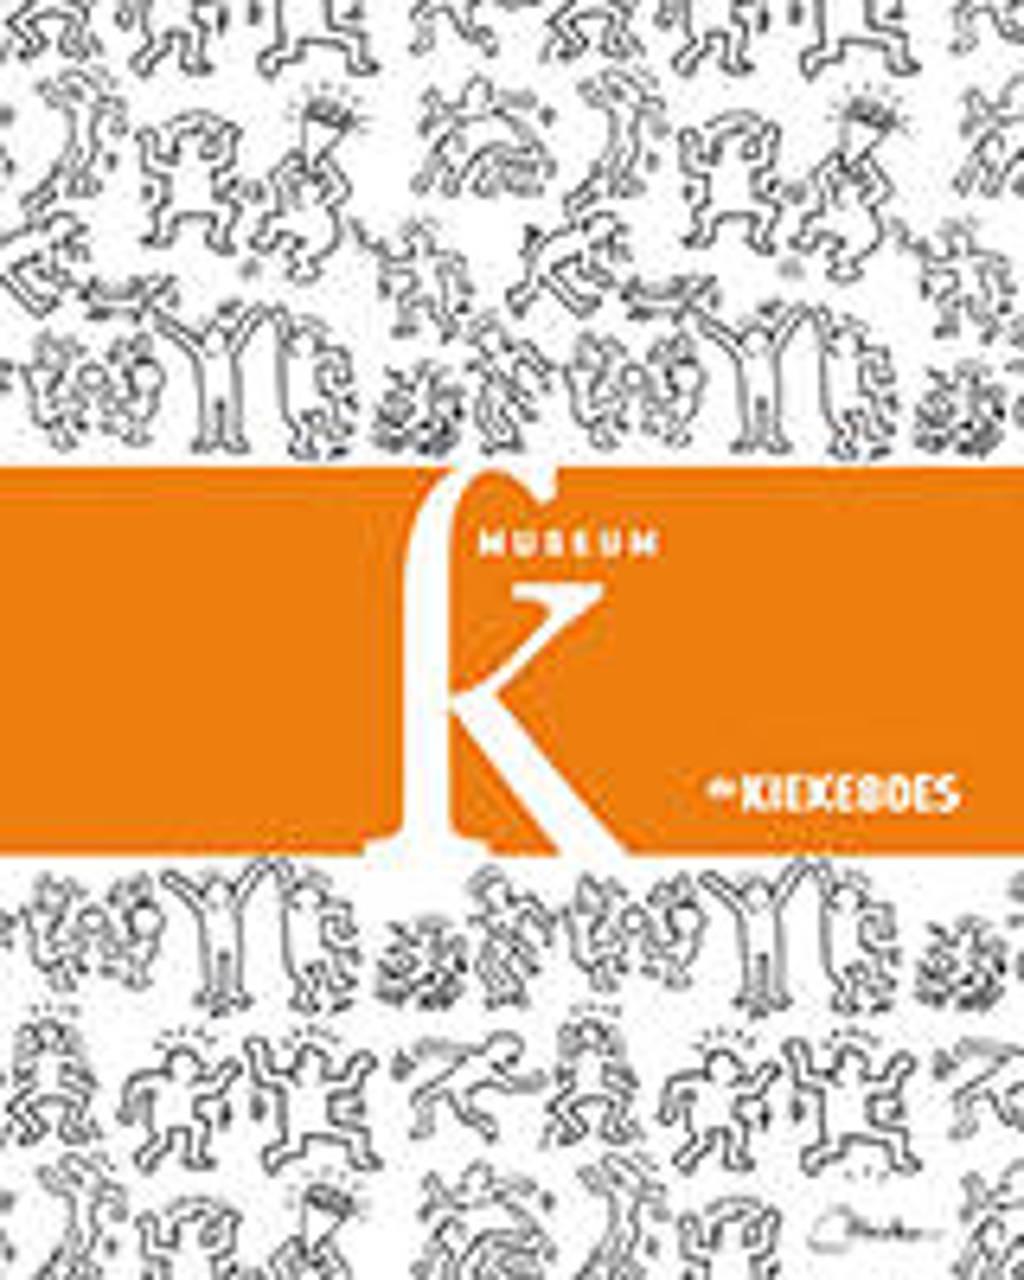 De Kiekeboes: Museum K - Merho